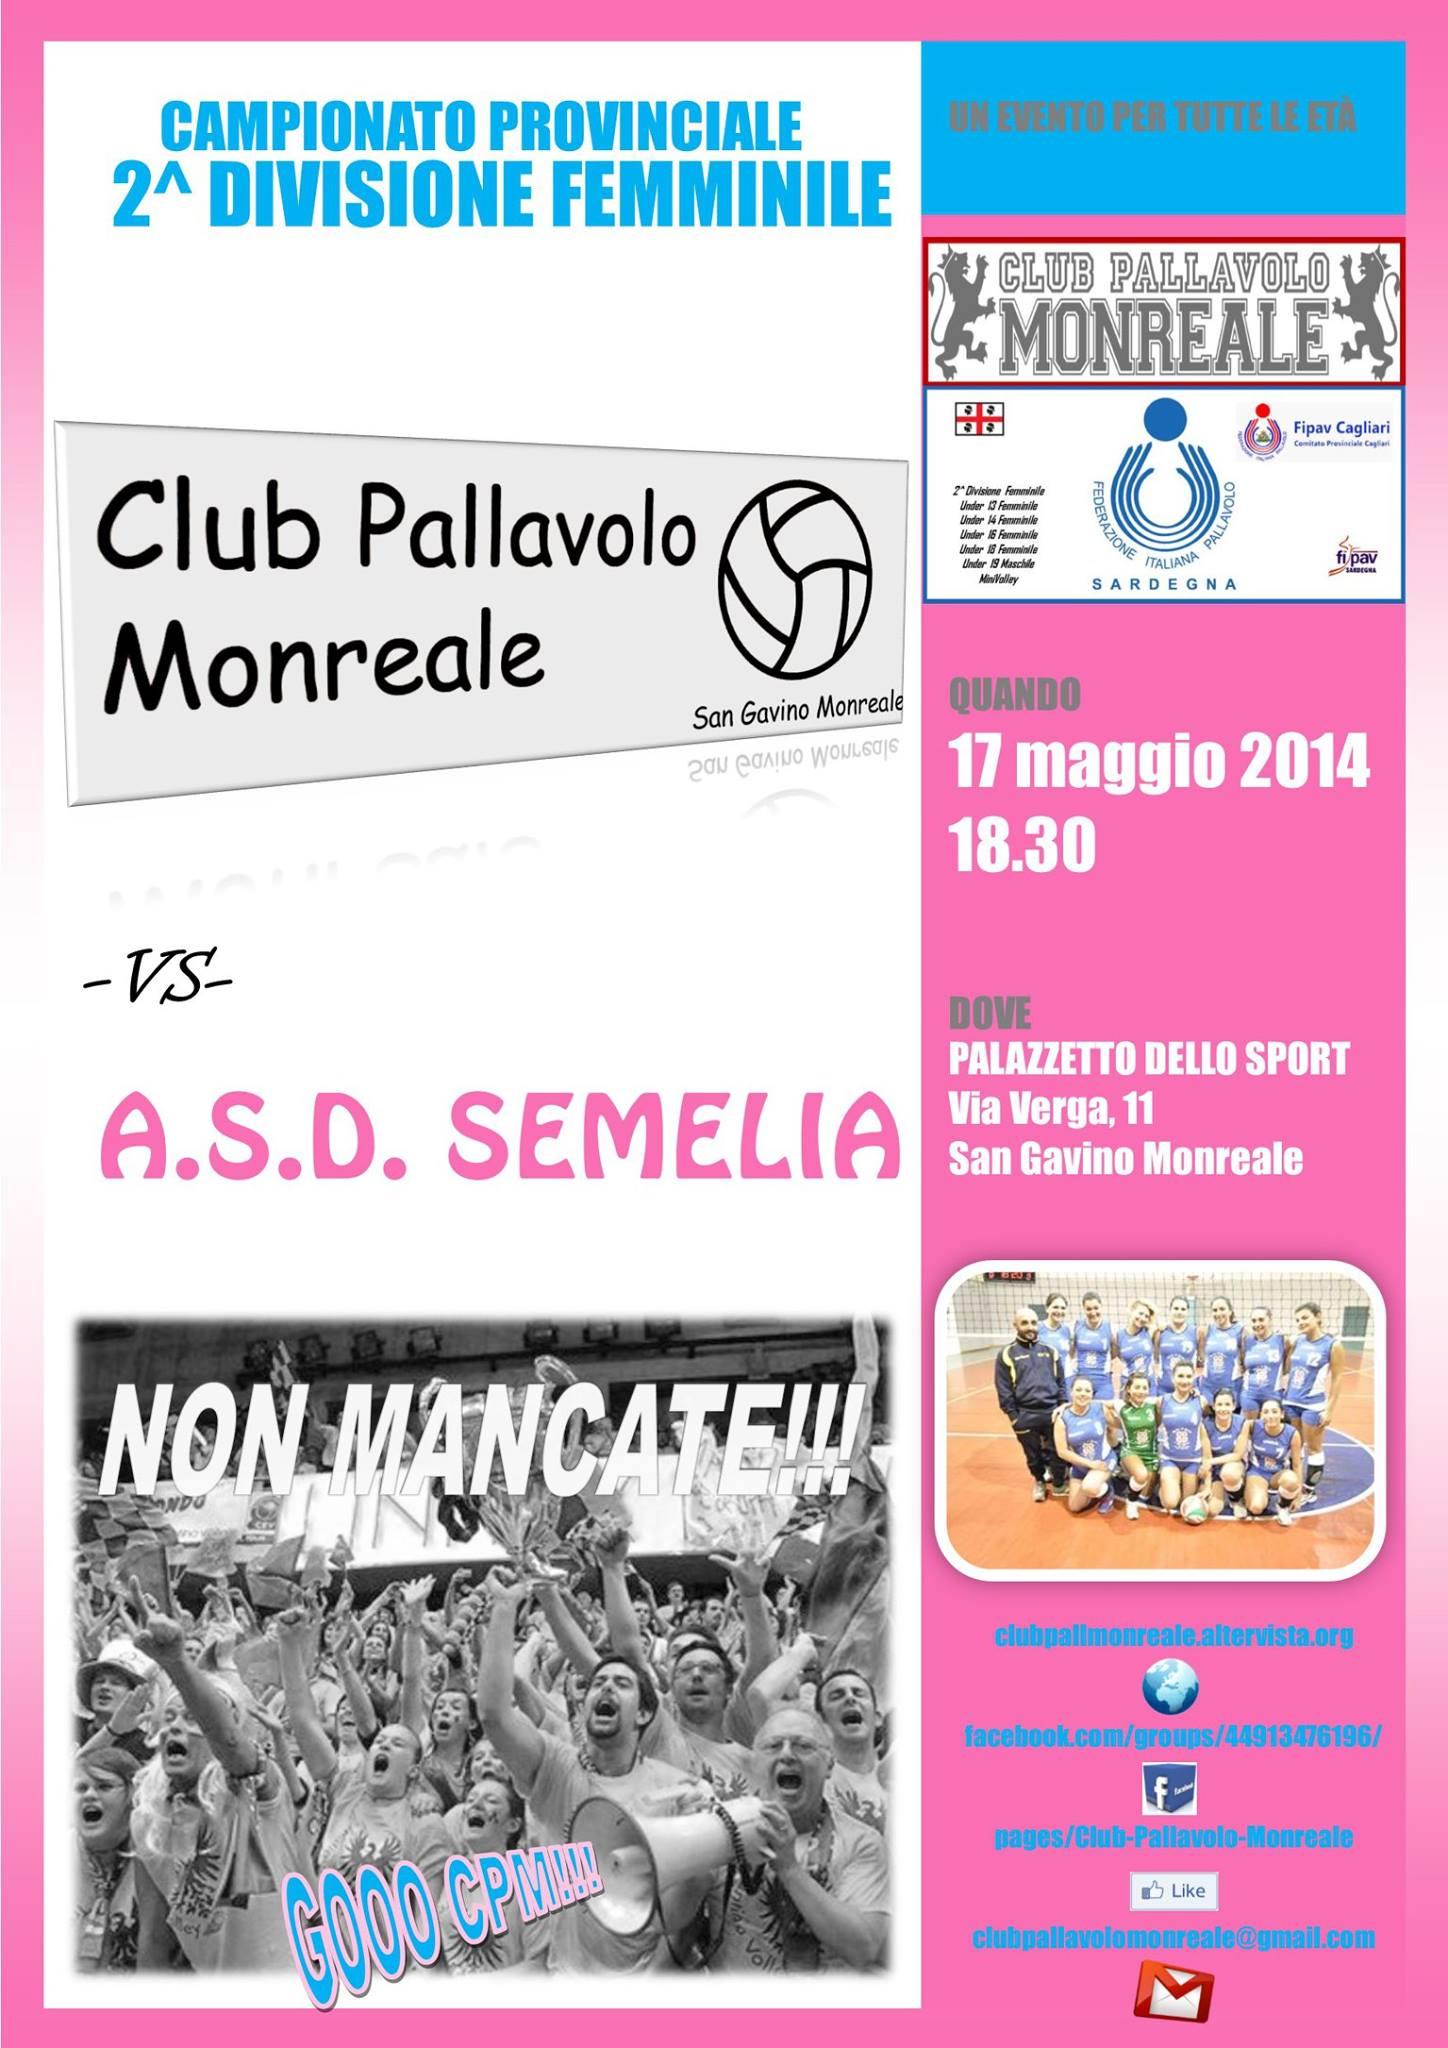 Club Pallavolo Monreale - ASD Semelia